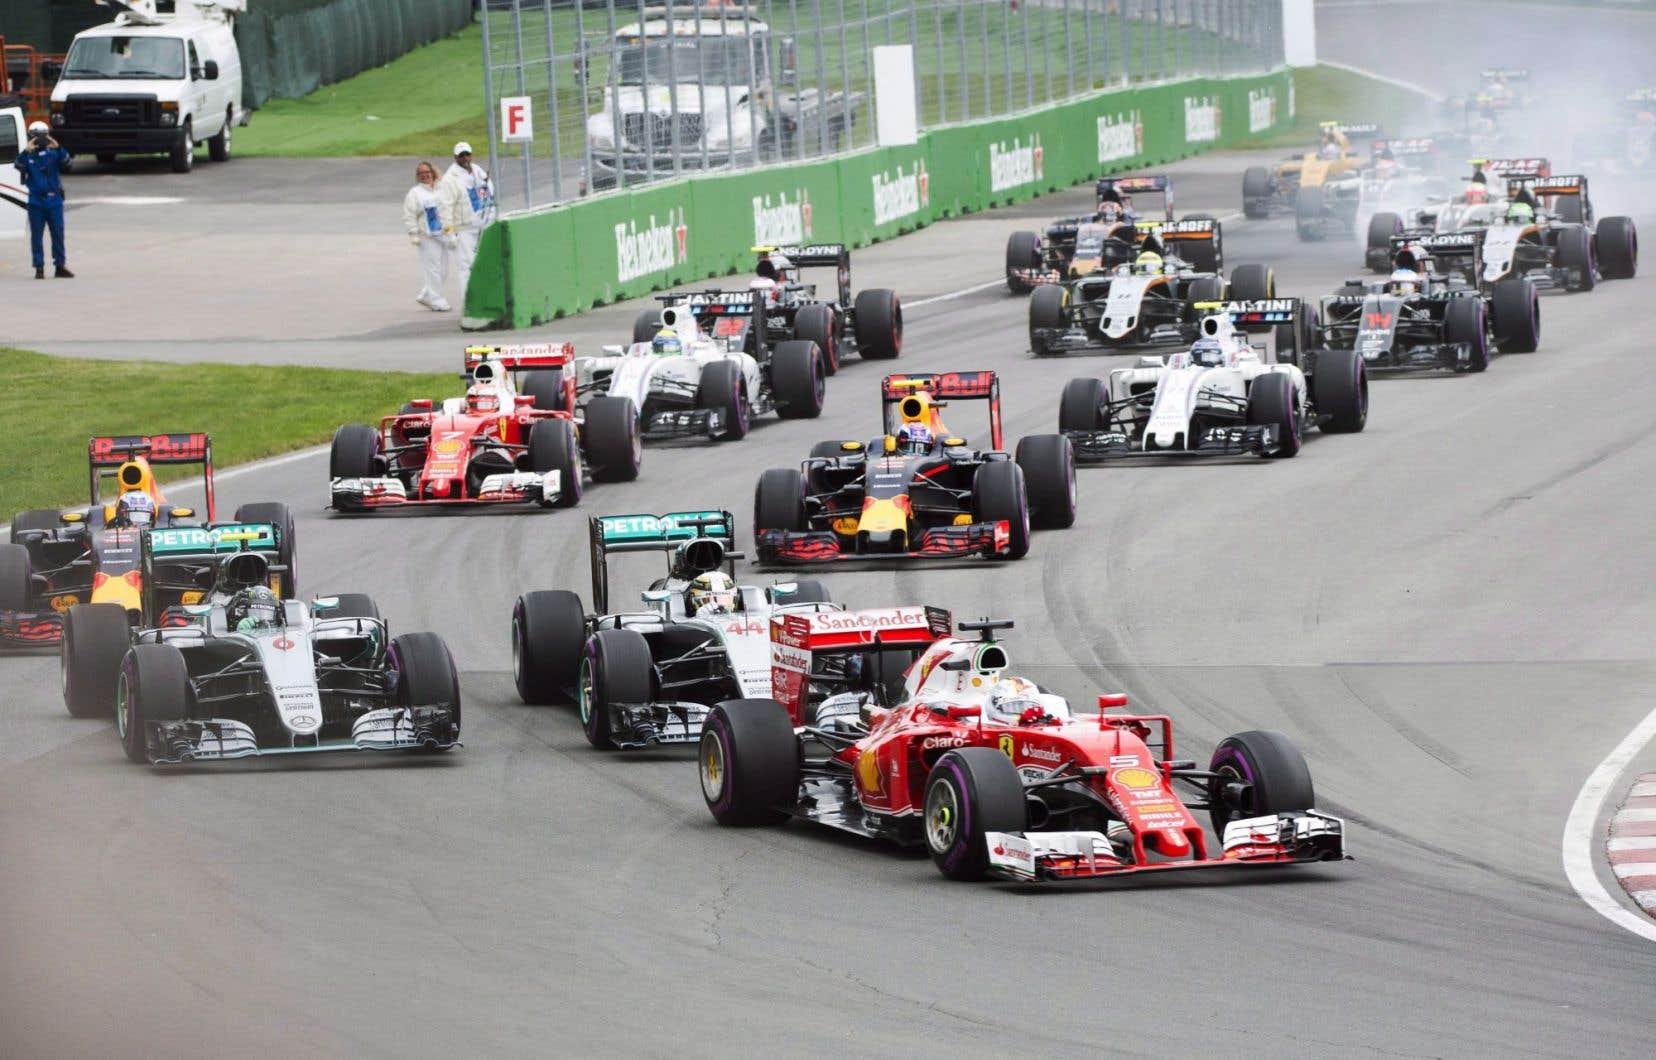 «La Formule 1 est extrêmement importante pour moi. Ça fait partie des grands événements incontournables qui font de Montréal la métropole qu'elle est», a affirmé le maire Denis Coderre.